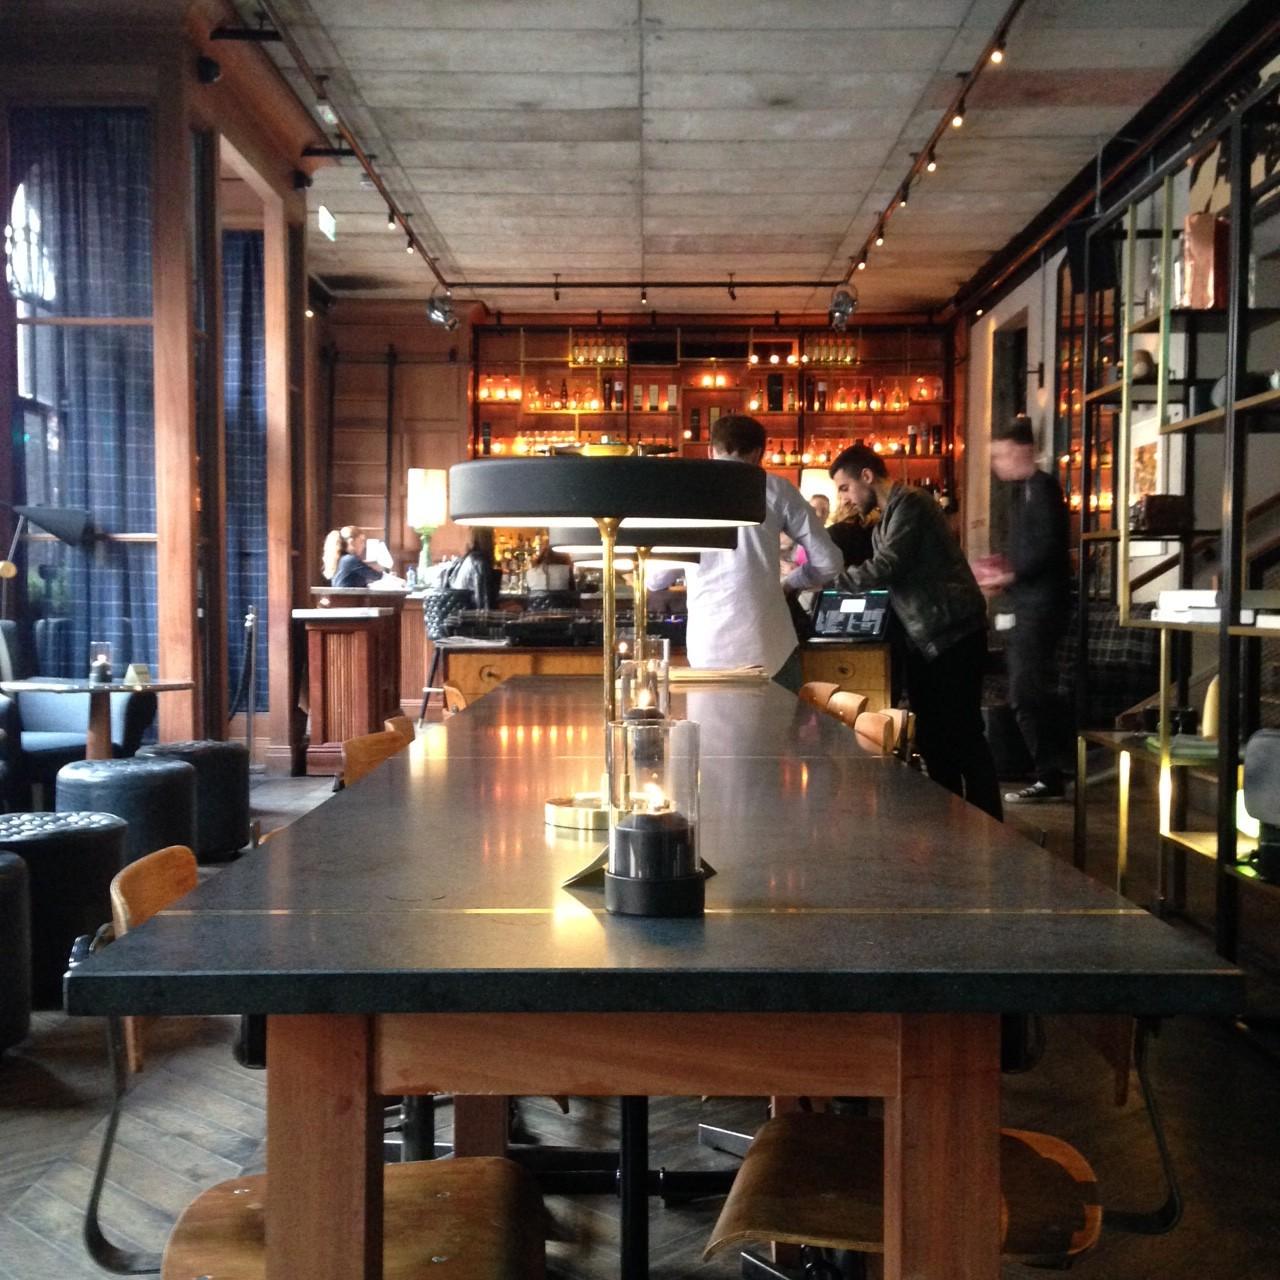 dean hotel dublin, dean hotel bar, dean lobby dublin, bar lobby dublin, dean hotel harcourt street